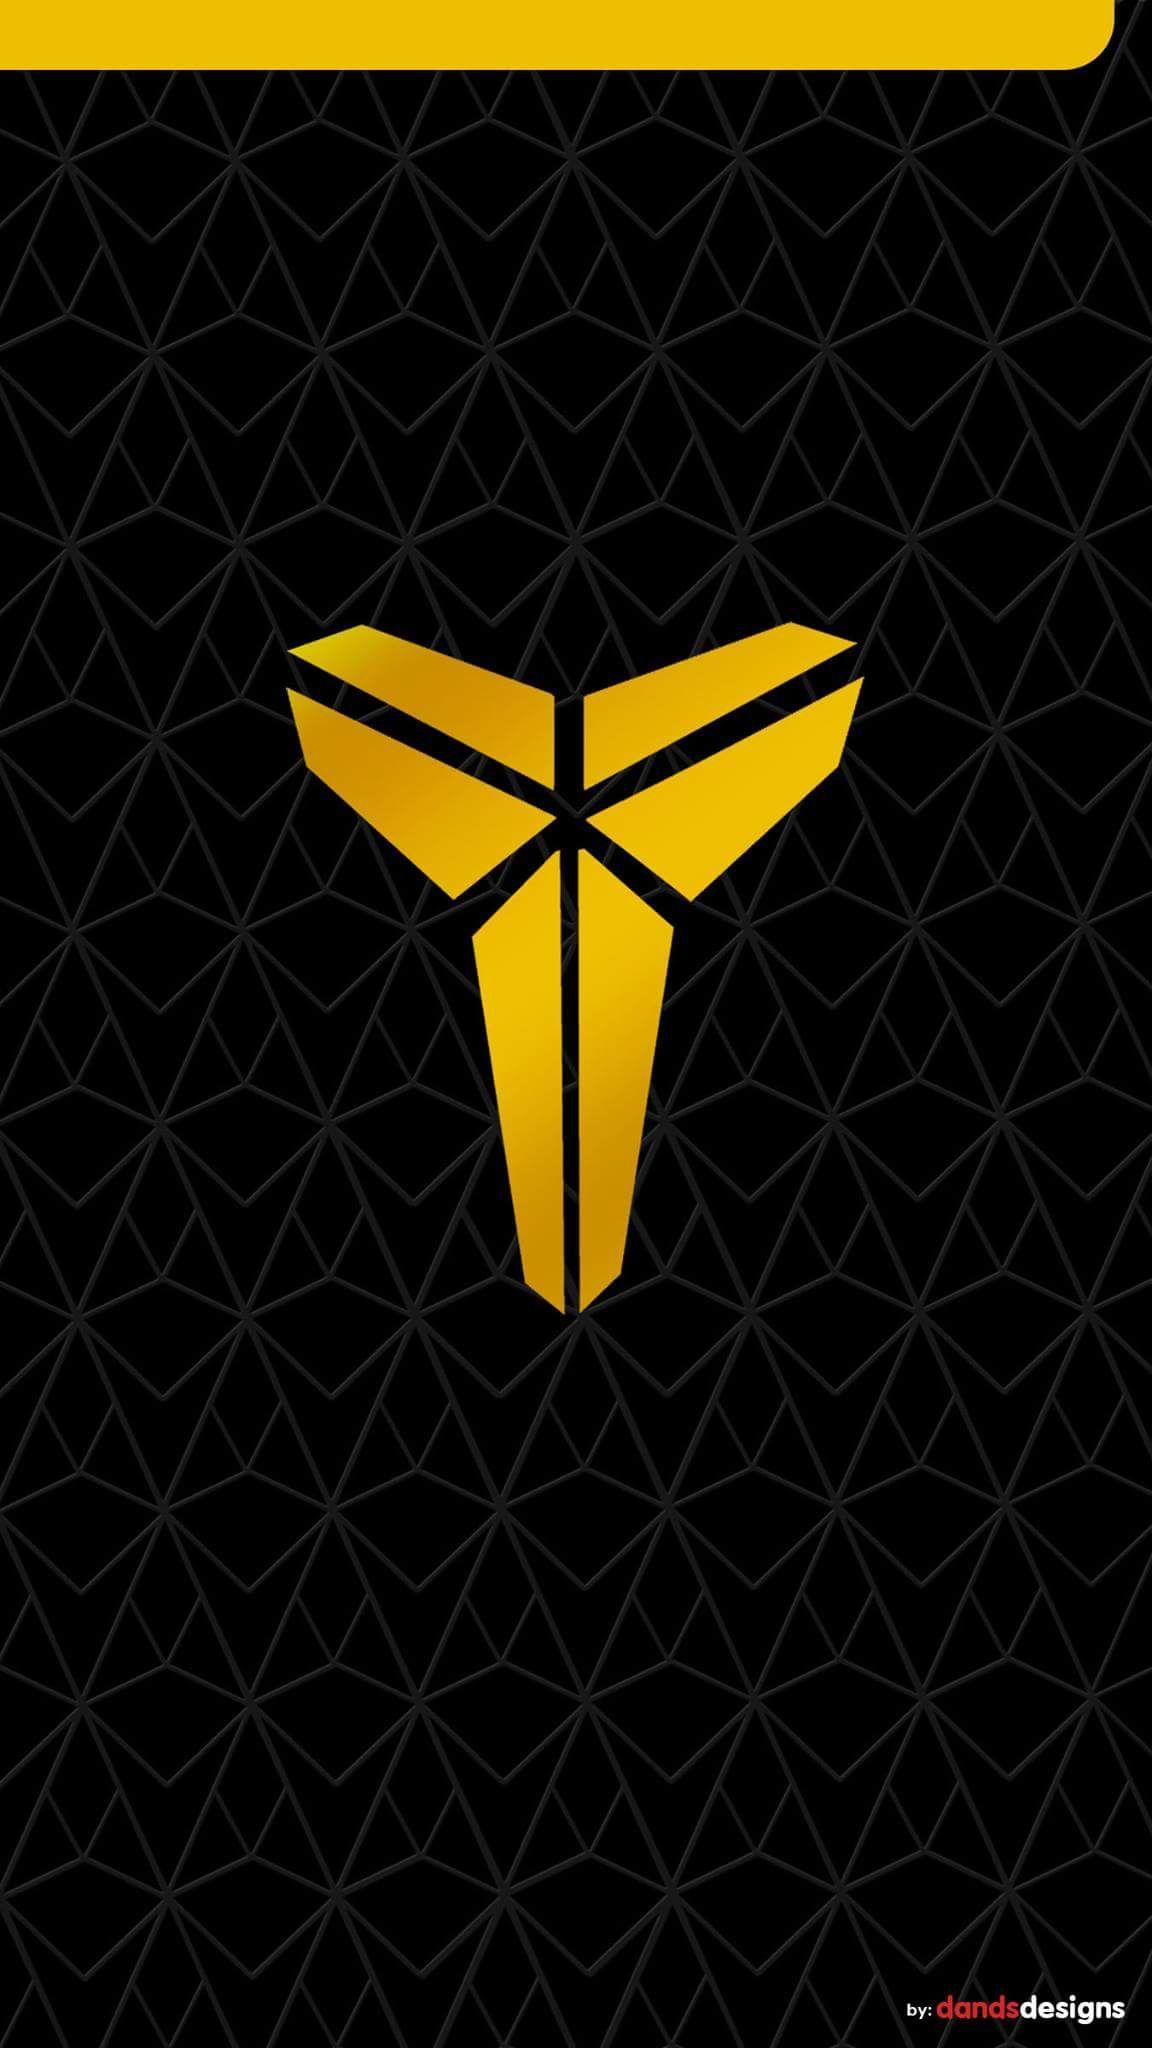 Pin By Rocyang On Logo Kobe Bryant Nba Kobe Bryant Kobe Bryant